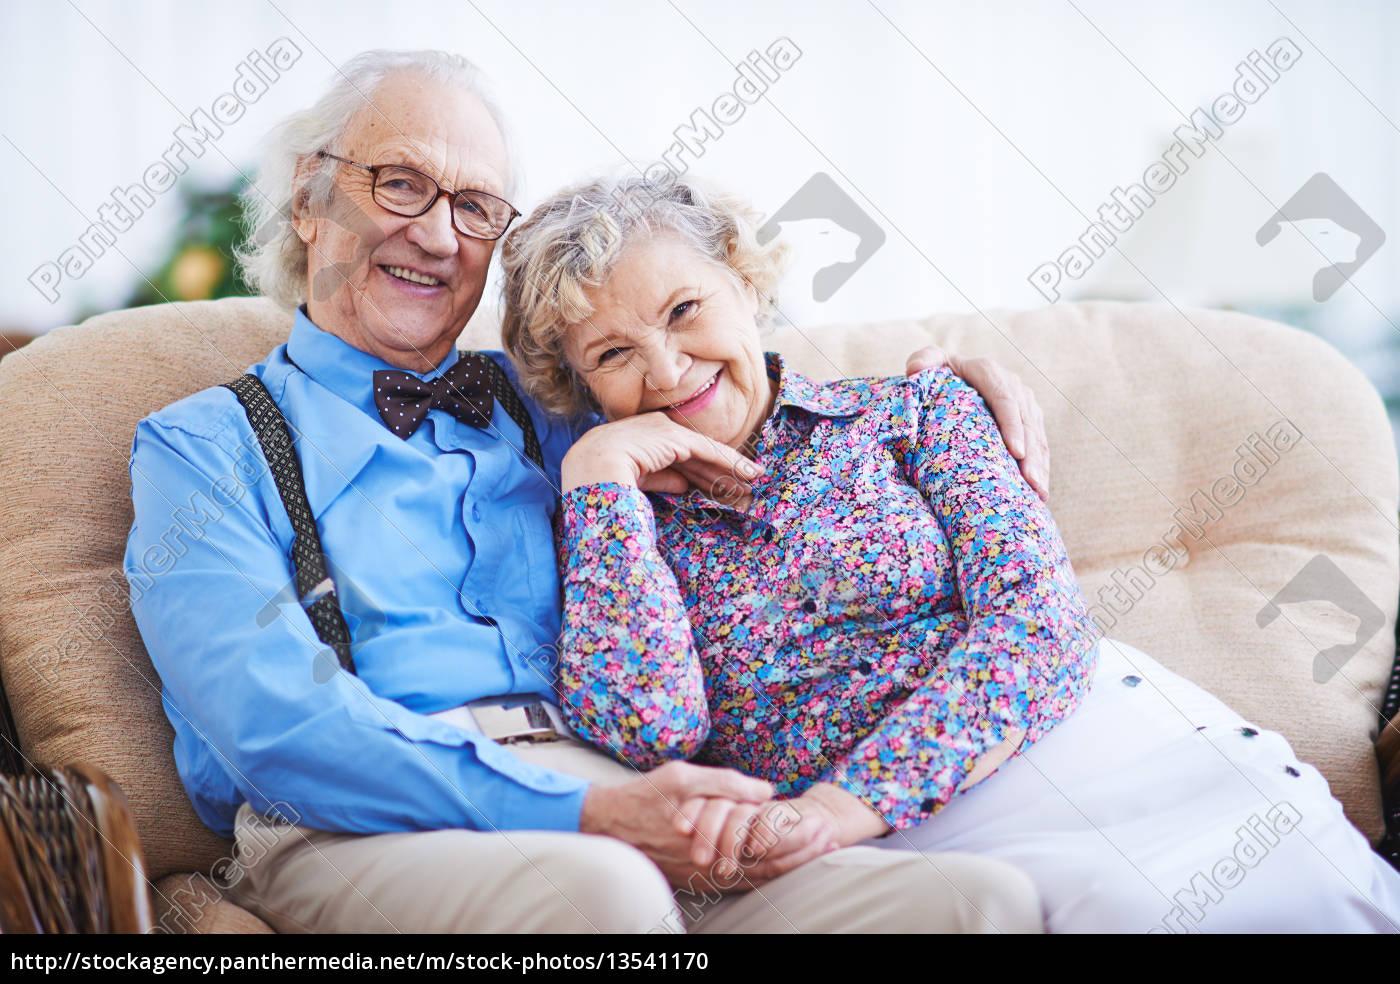 restful, seniors - 13541170